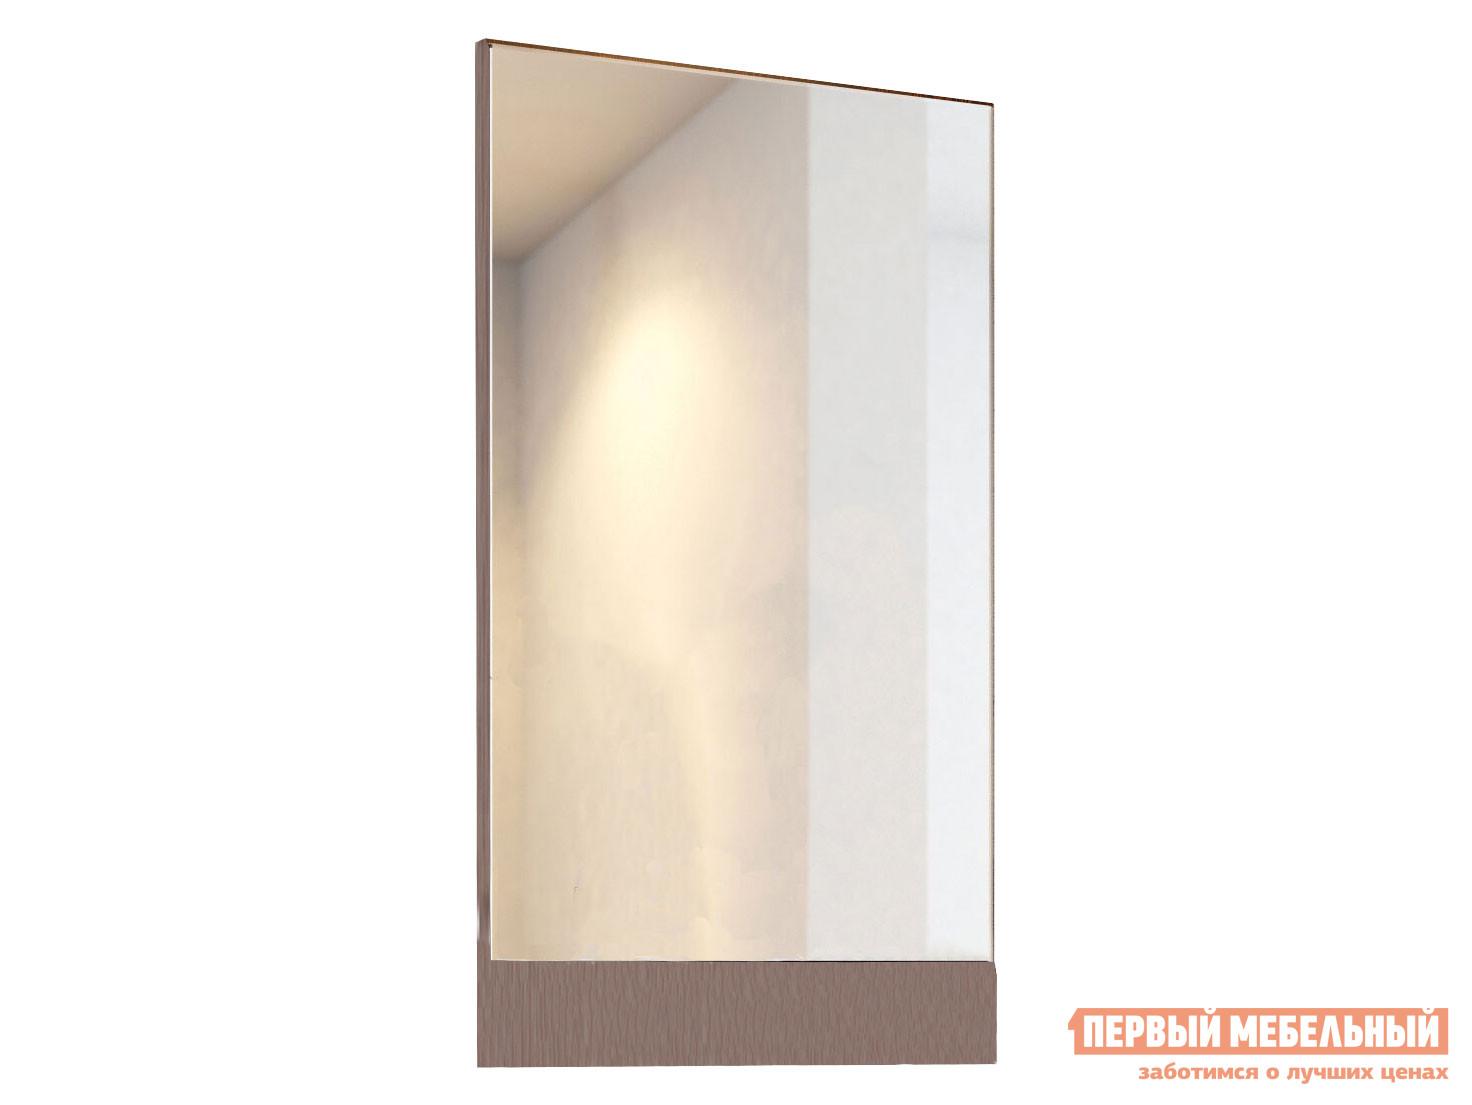 Настенное зеркало  Зеркало Ника ТВ500 Ясень Шимо темный — Зеркало Ника ТВ500 Ясень Шимо темный